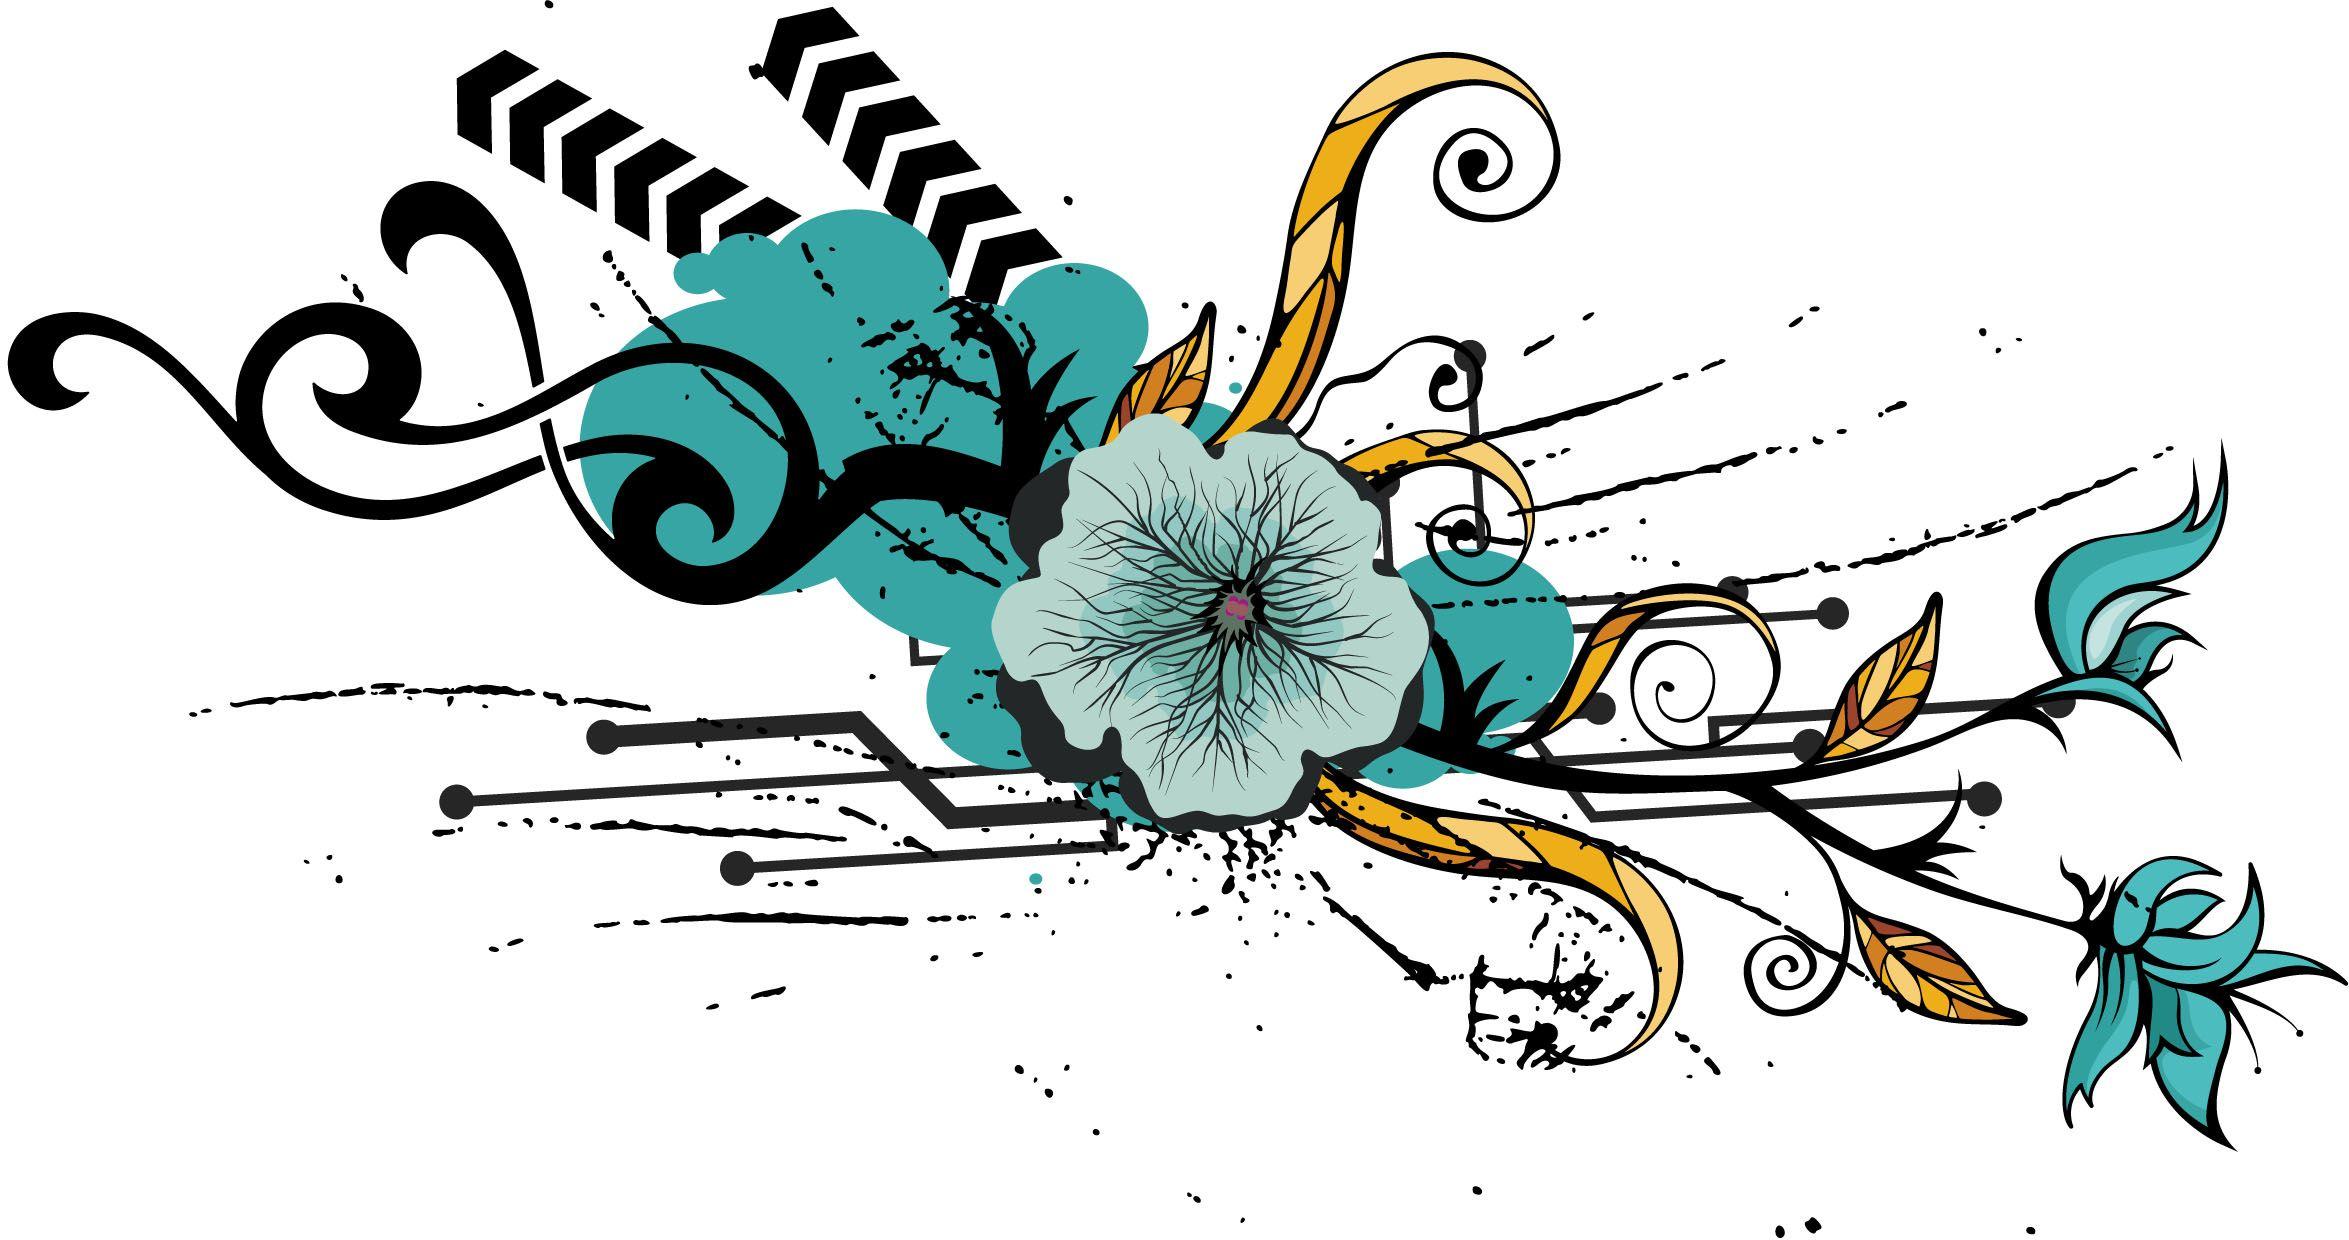 صور زخارف جميلة 2 Hd منتديات درر العراق Art Arabic Calligraphy Animals